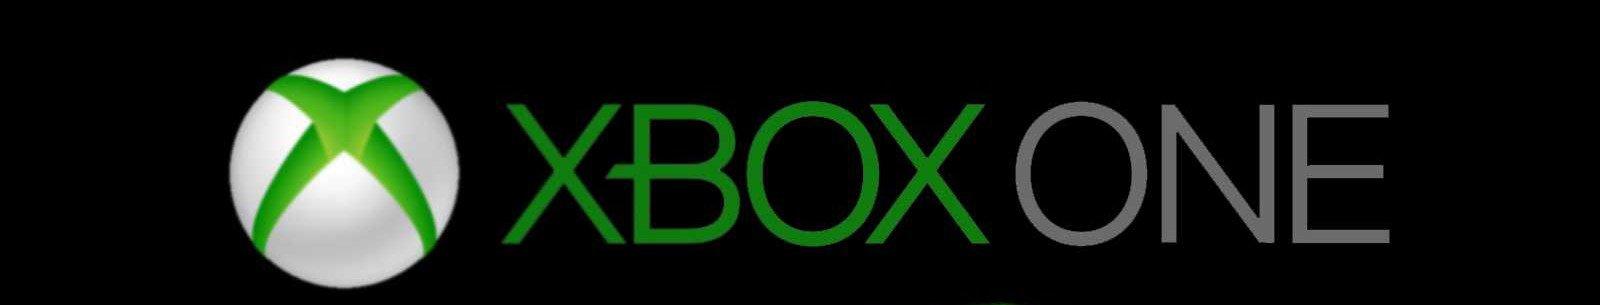 Xbox vissers